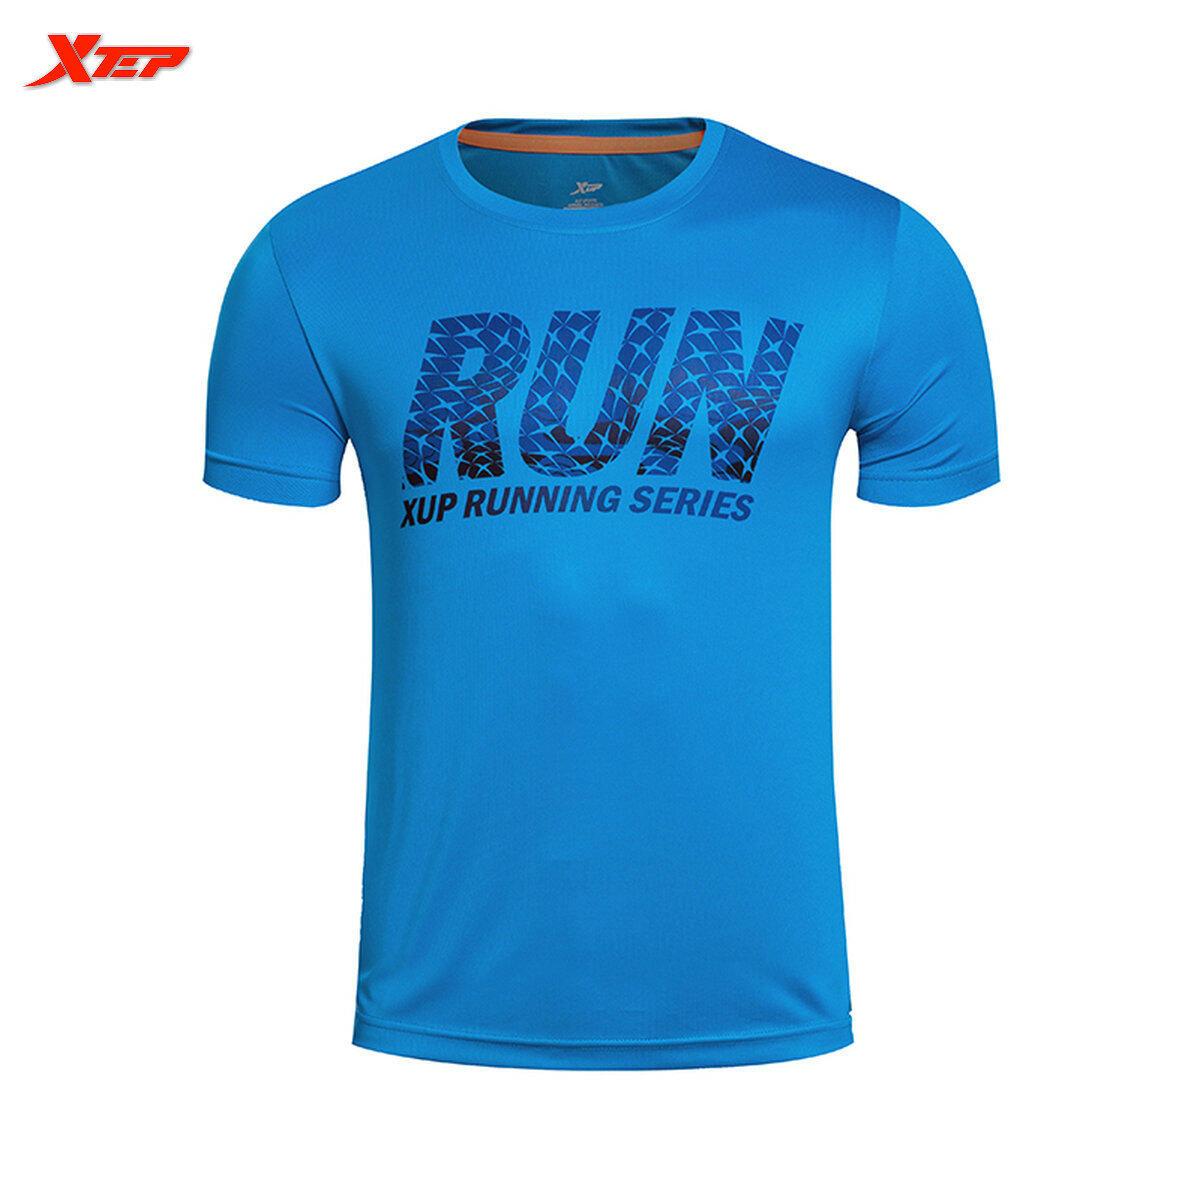 Xtep Merek Luar Lari T Shirt For Pria Puncak Pusat 2016 Musim Panas Olahraga Pria Kemeja Pria Baju Cepat Kering Biru Terbaru